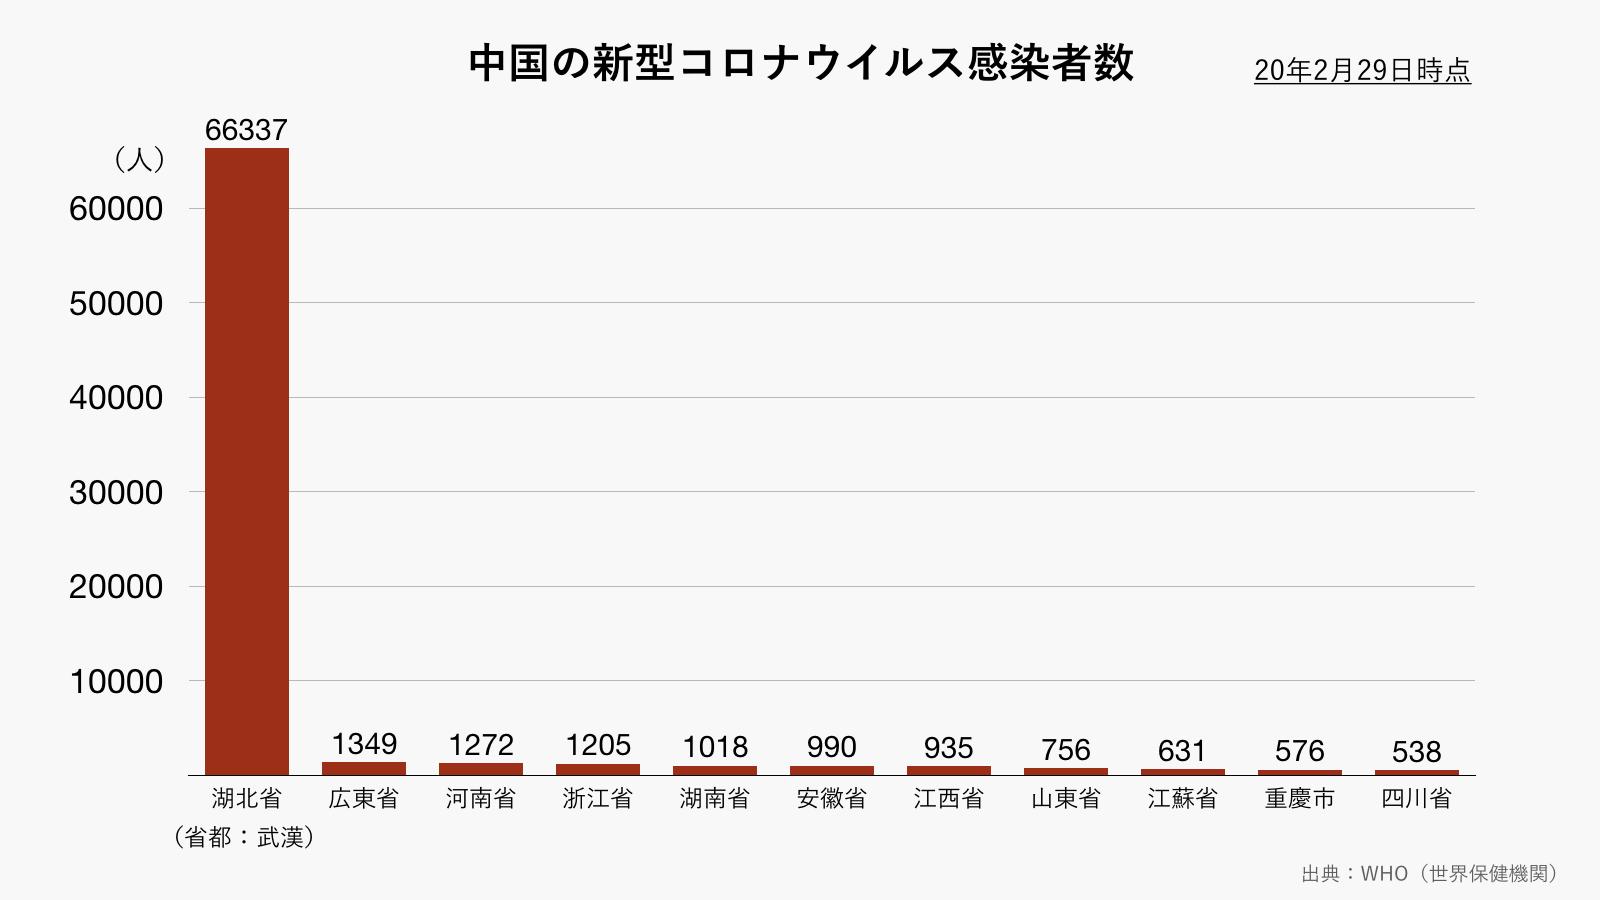 中国の新型コロナウイルス感染者数(グレー)